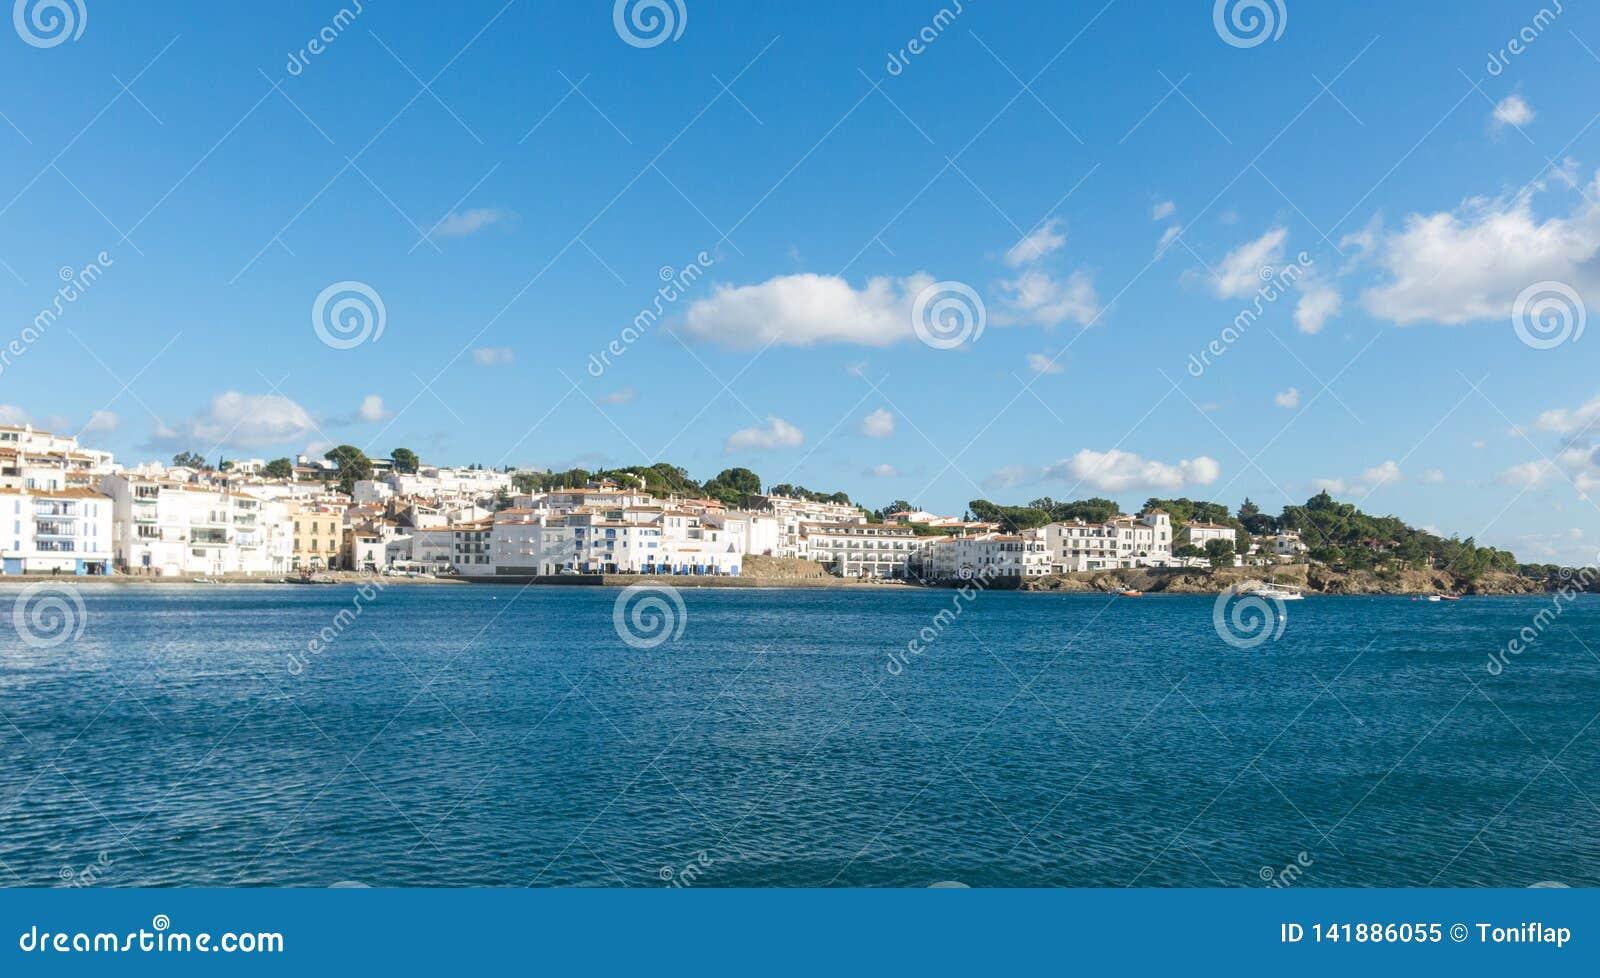 Vista panoramica della città spagnola di Cadaques, il piccolo villaggio famoso di Costa Brava, Catalogna - Spagna